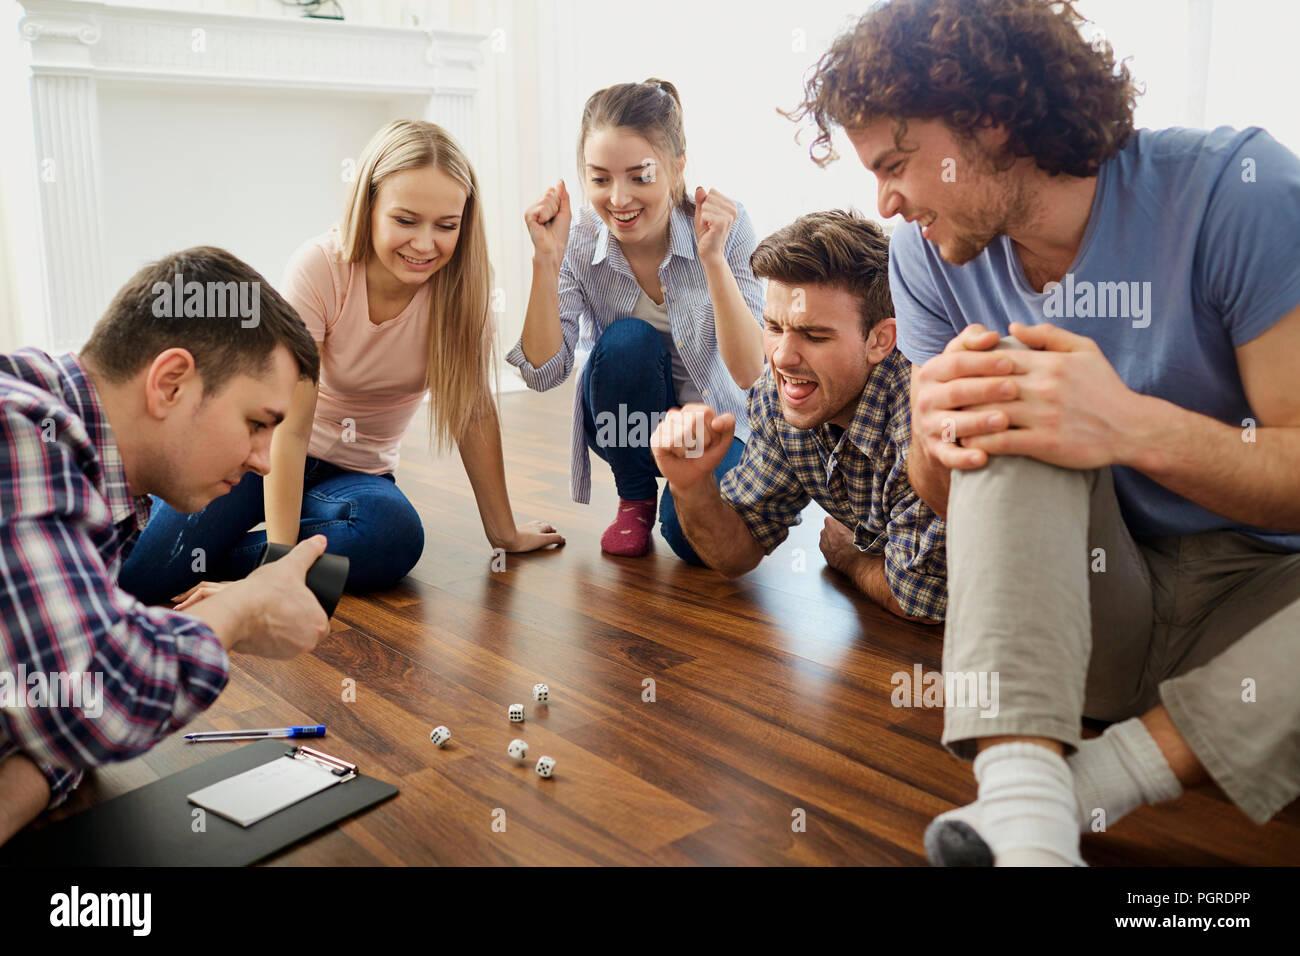 Un Grupo De Amigos Jugar A Juegos De Mesa En El Piso En El Interior